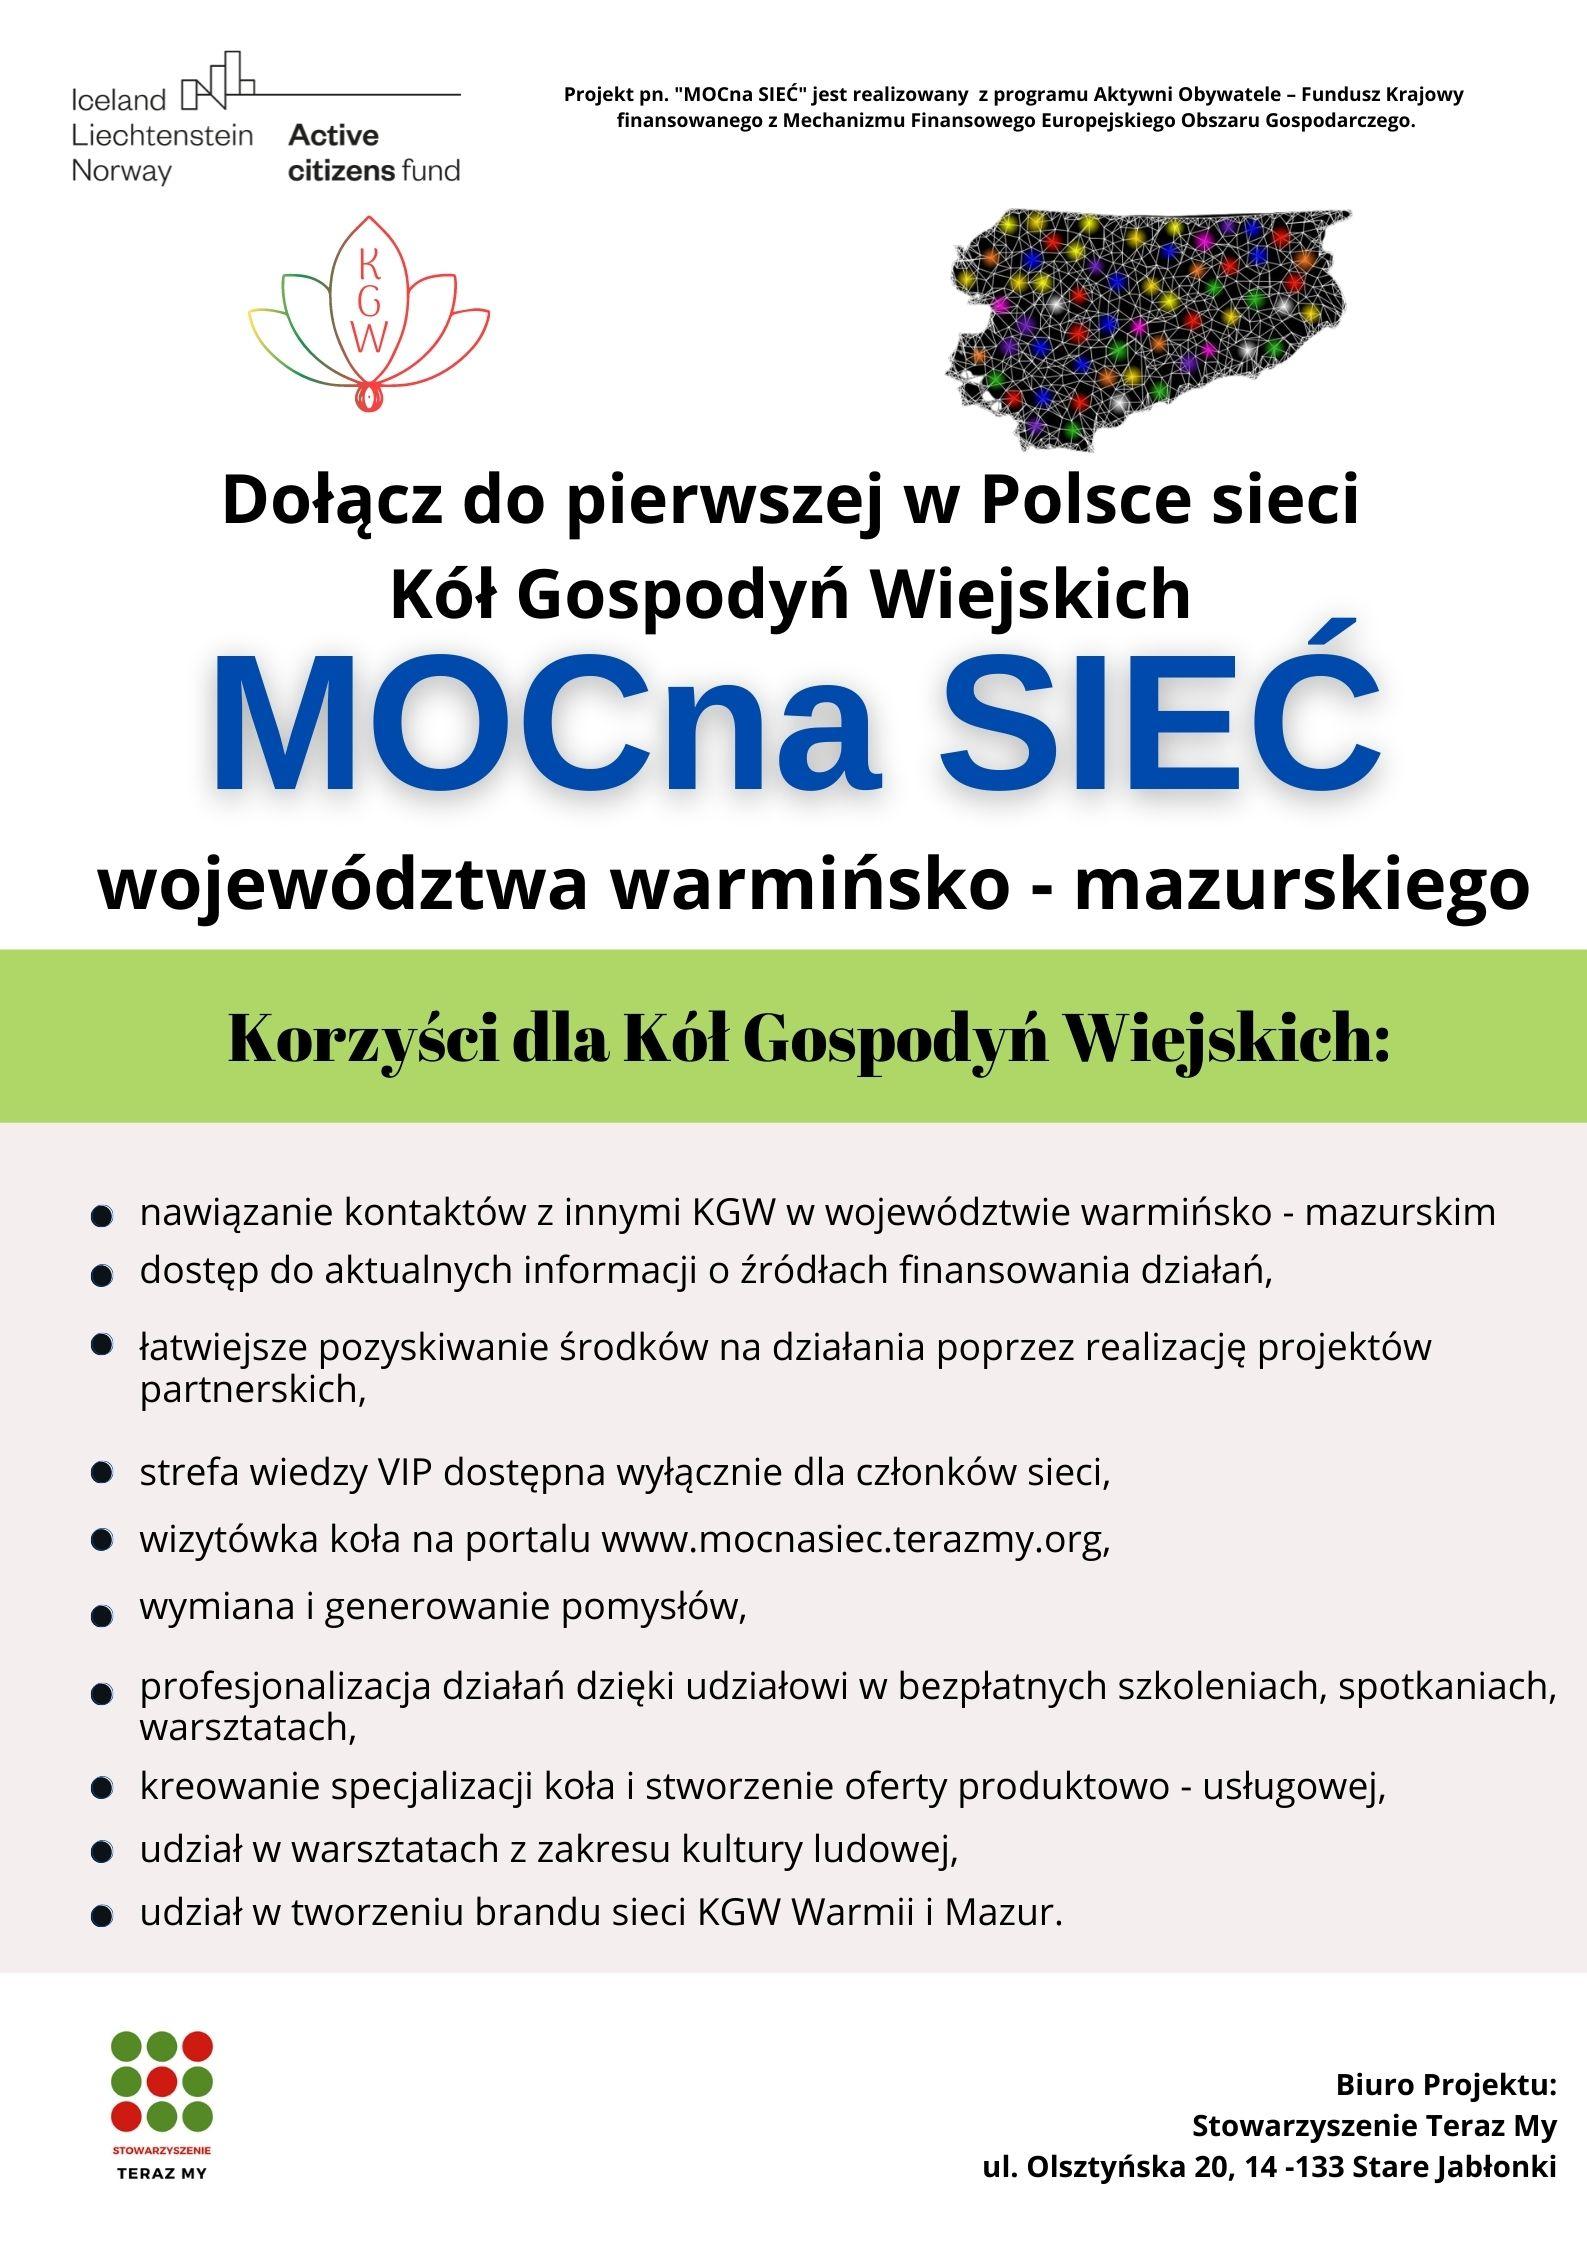 https://m.powiatszczycienski.pl/2021/06/orig/ulotka-mocna-siec-str-1-41621.jpg